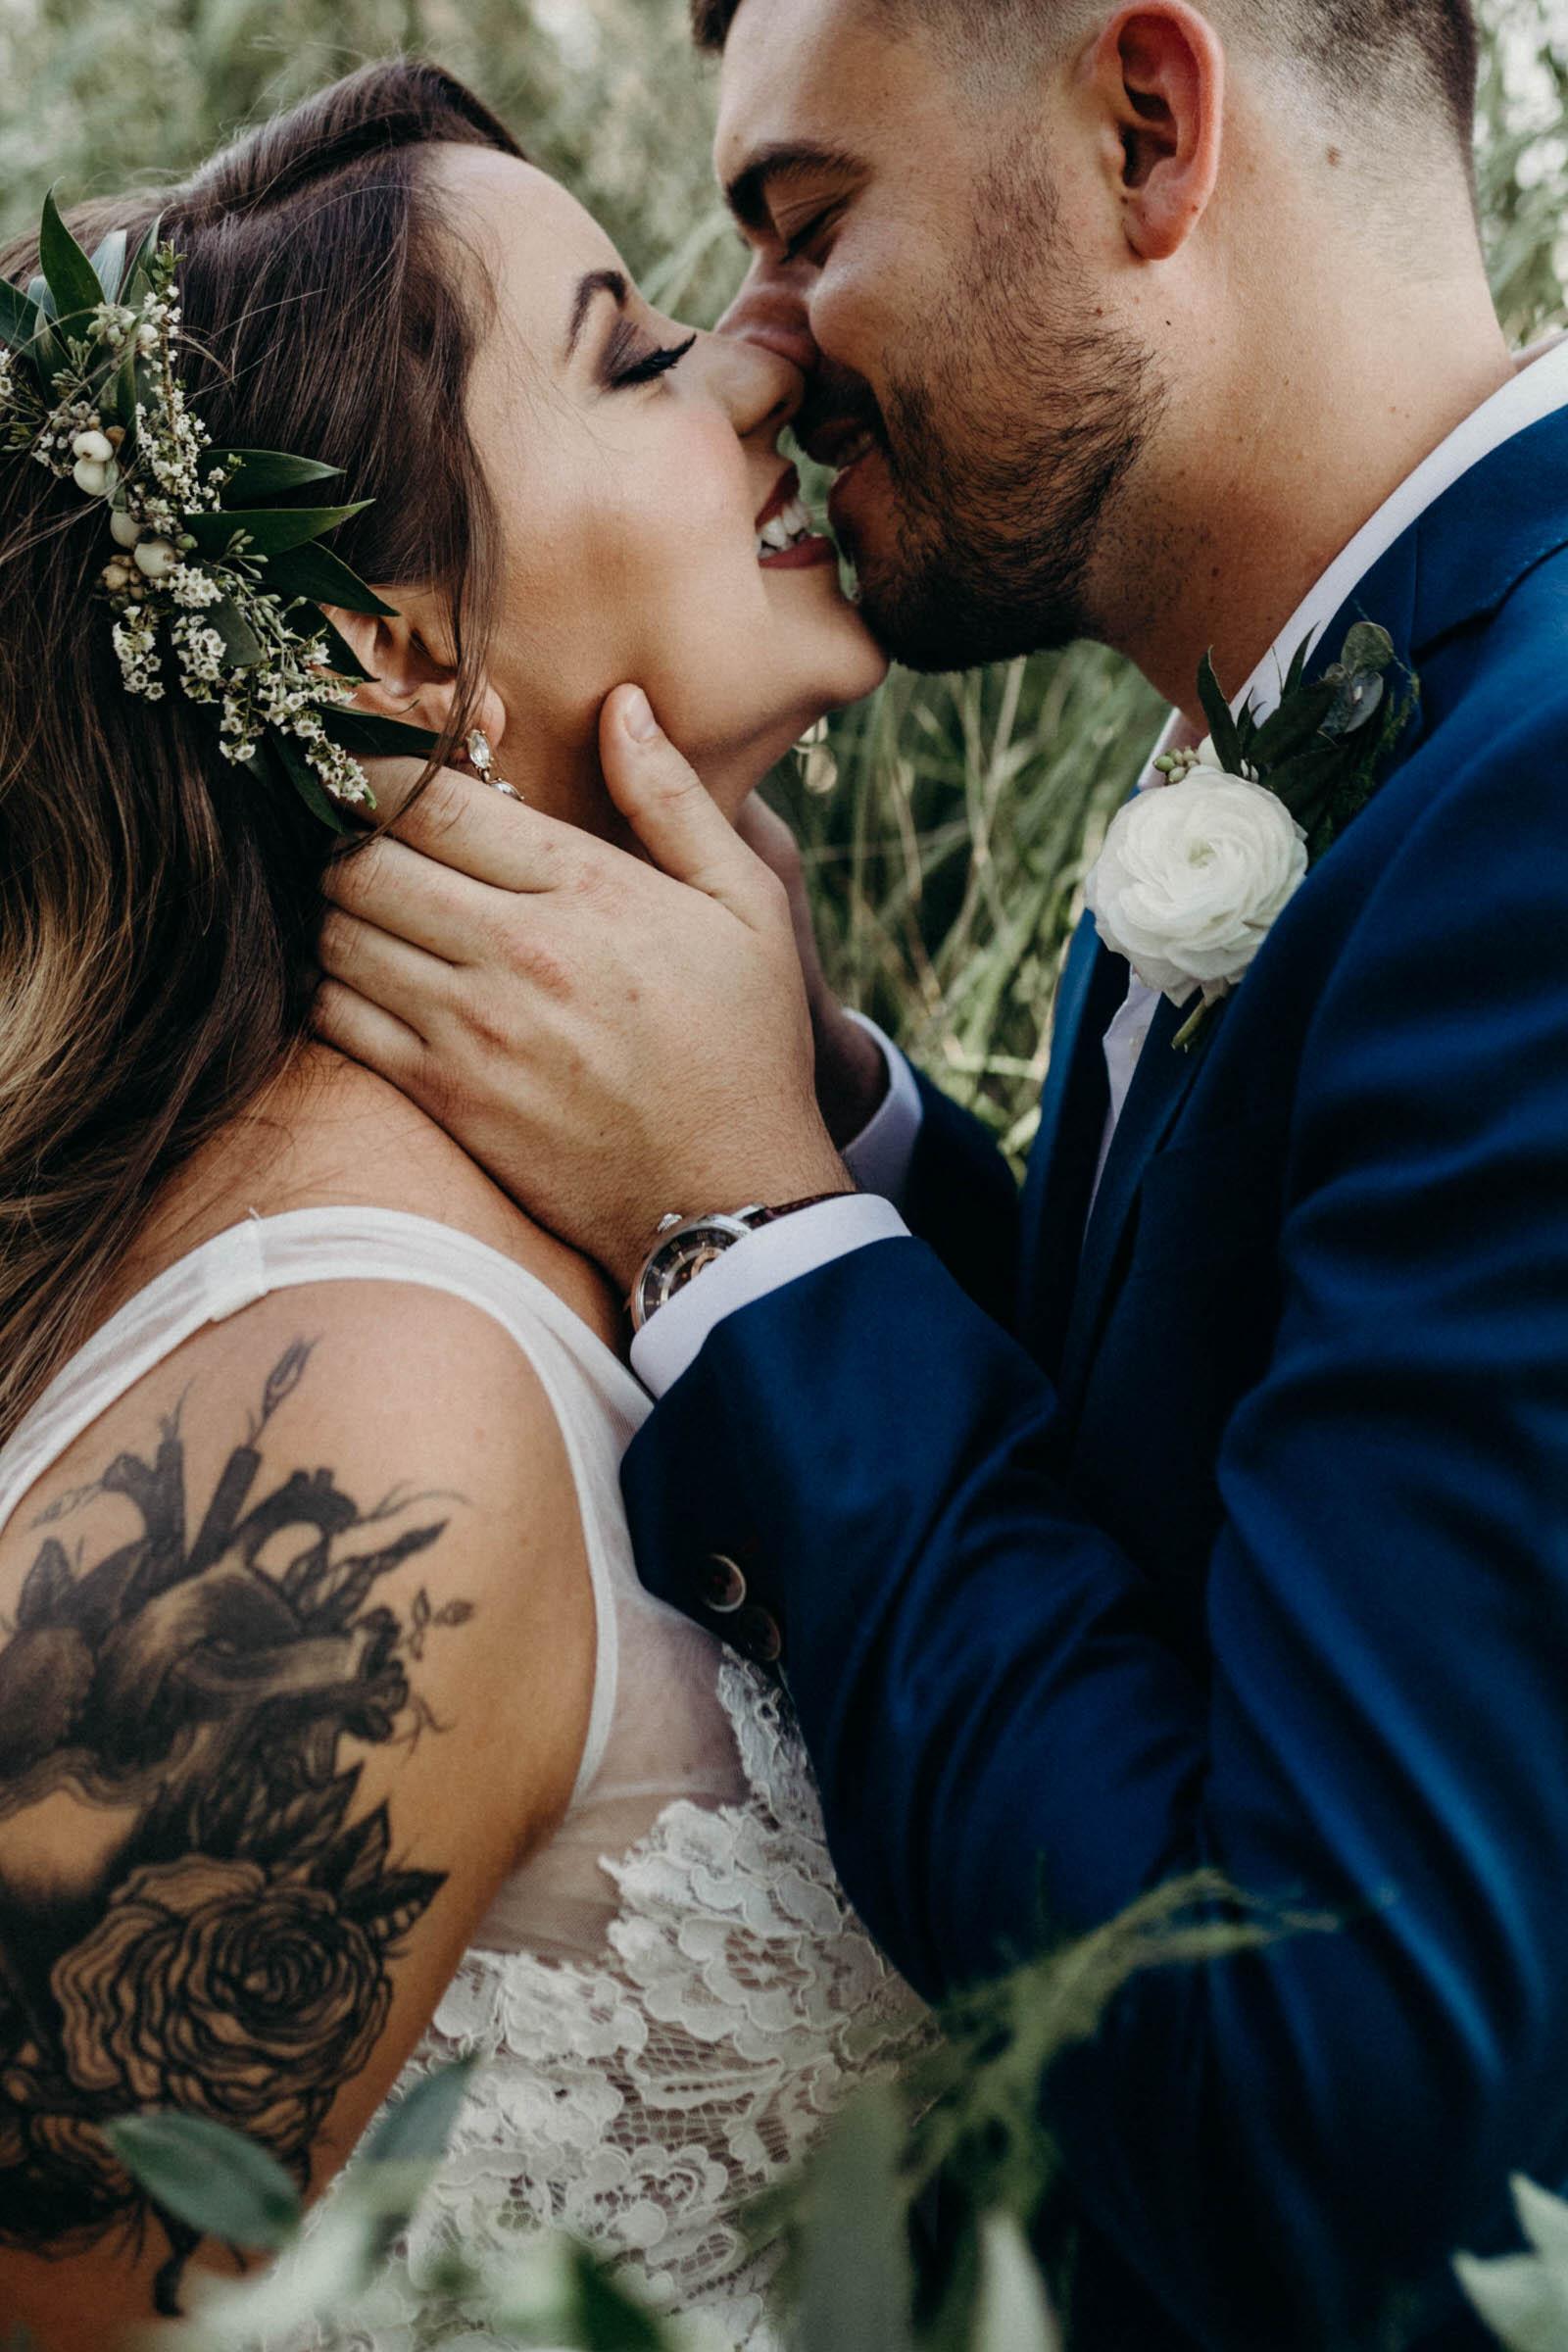 dietzen_aubrey-texas-the-springs-wedding_013-1.jpg